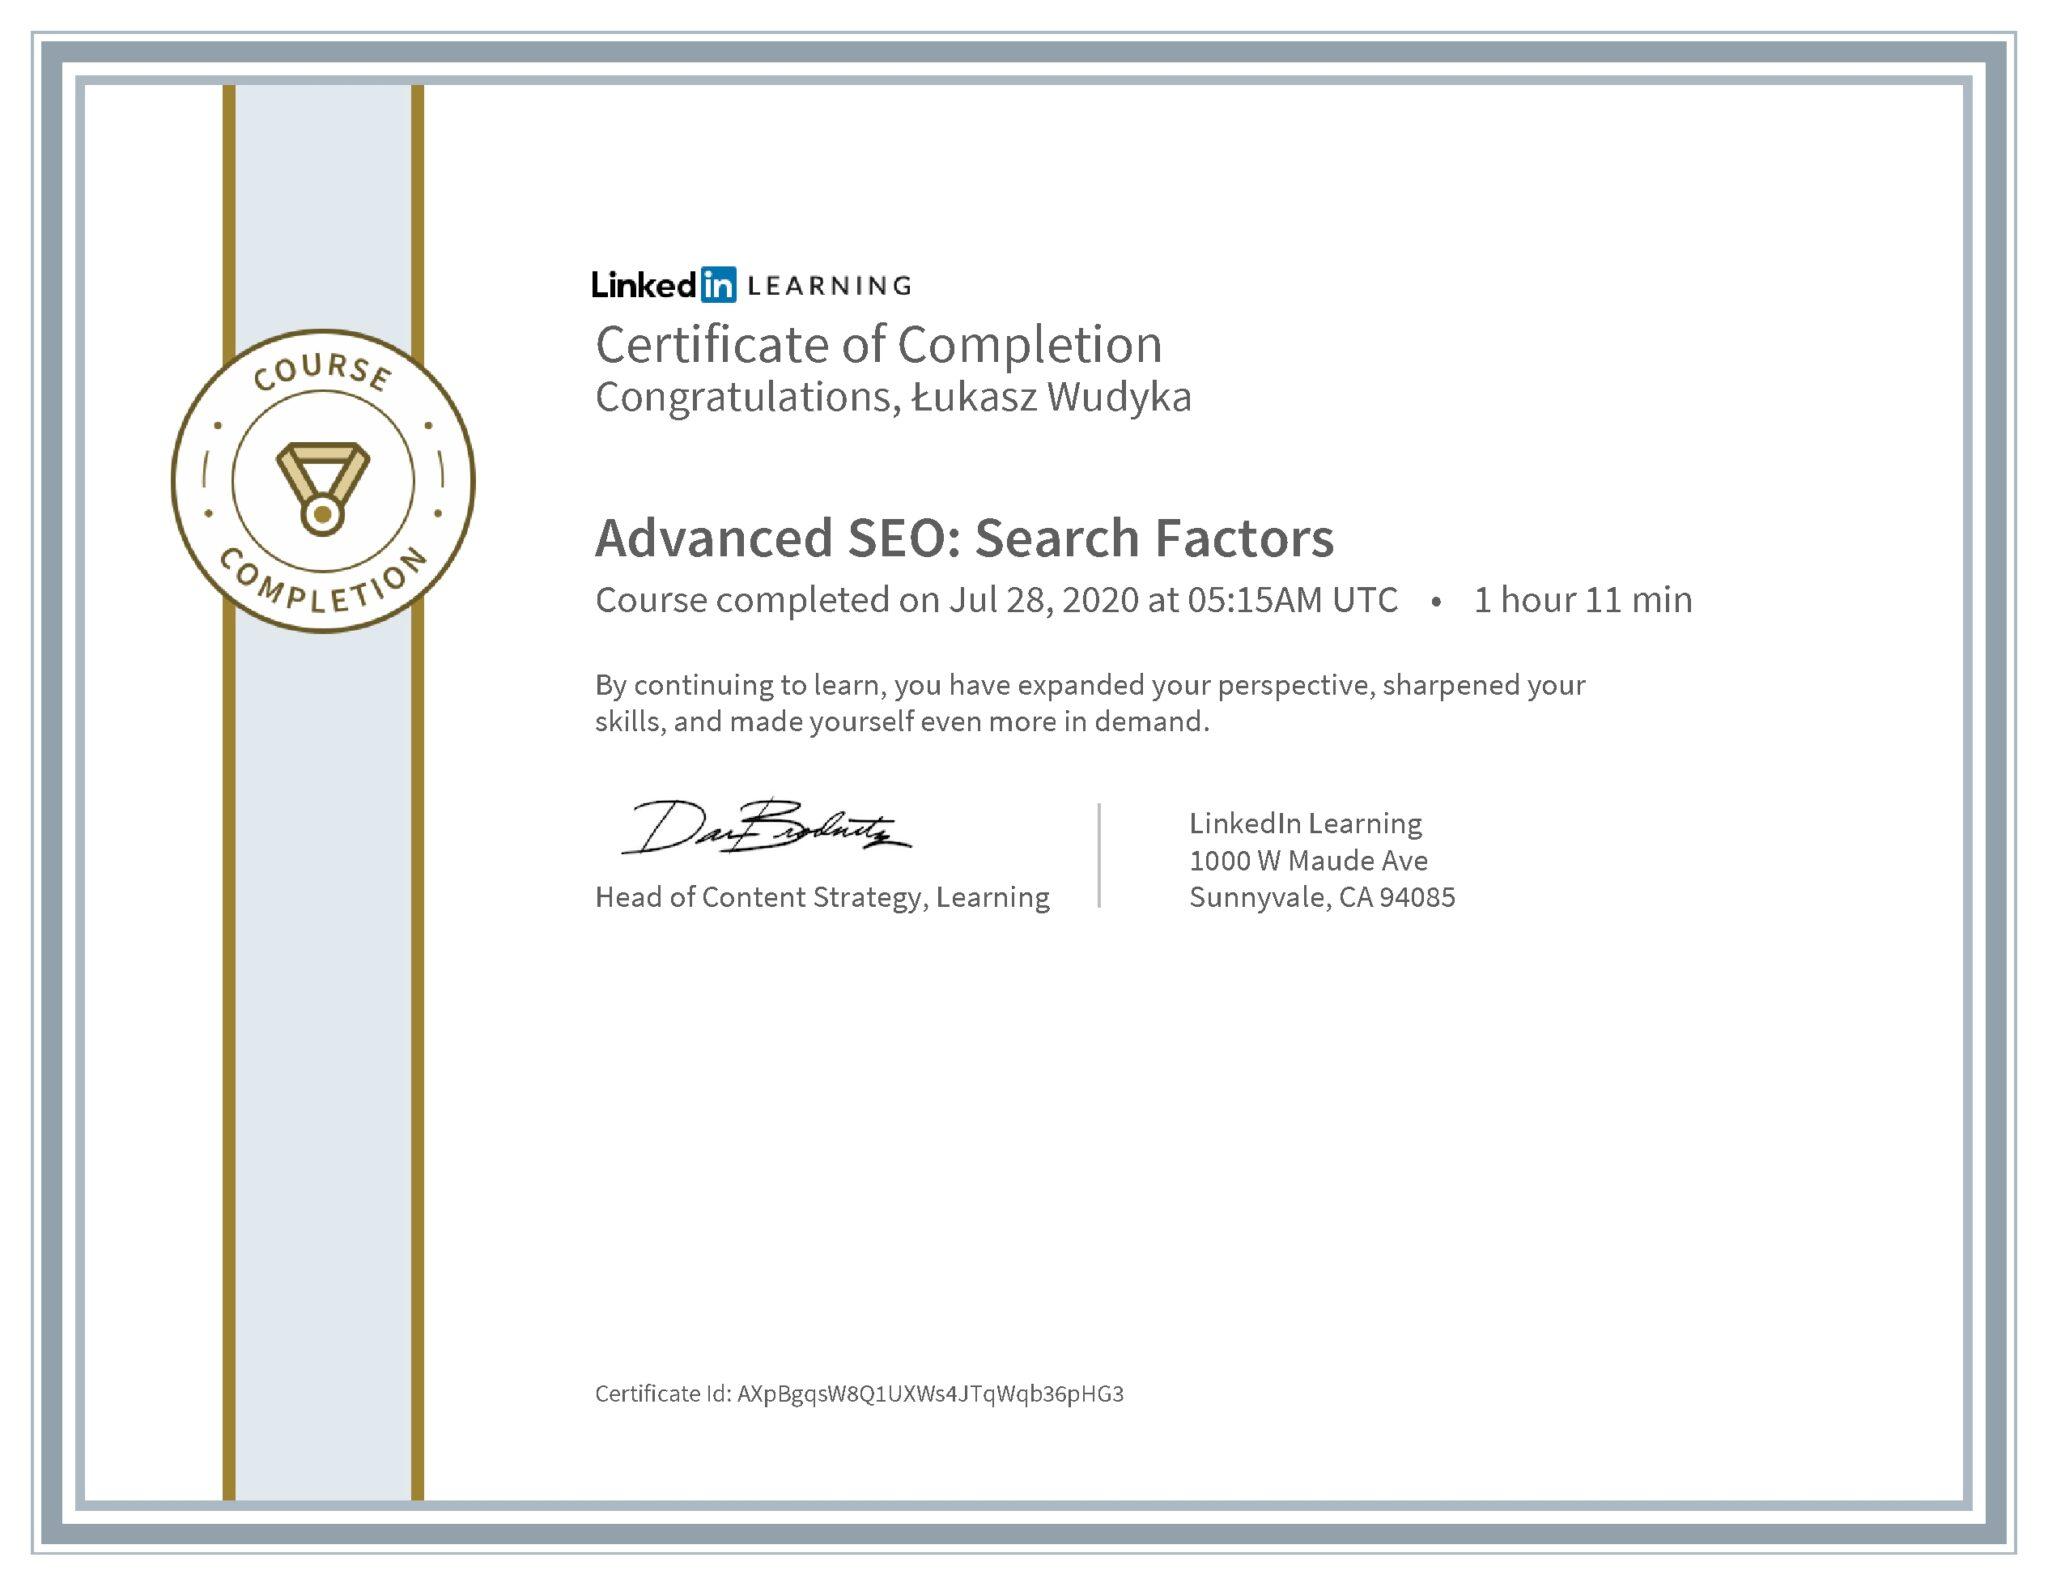 Łukasz Wudyka certyfikat LinkedIn Advanced SEO: Search Factors